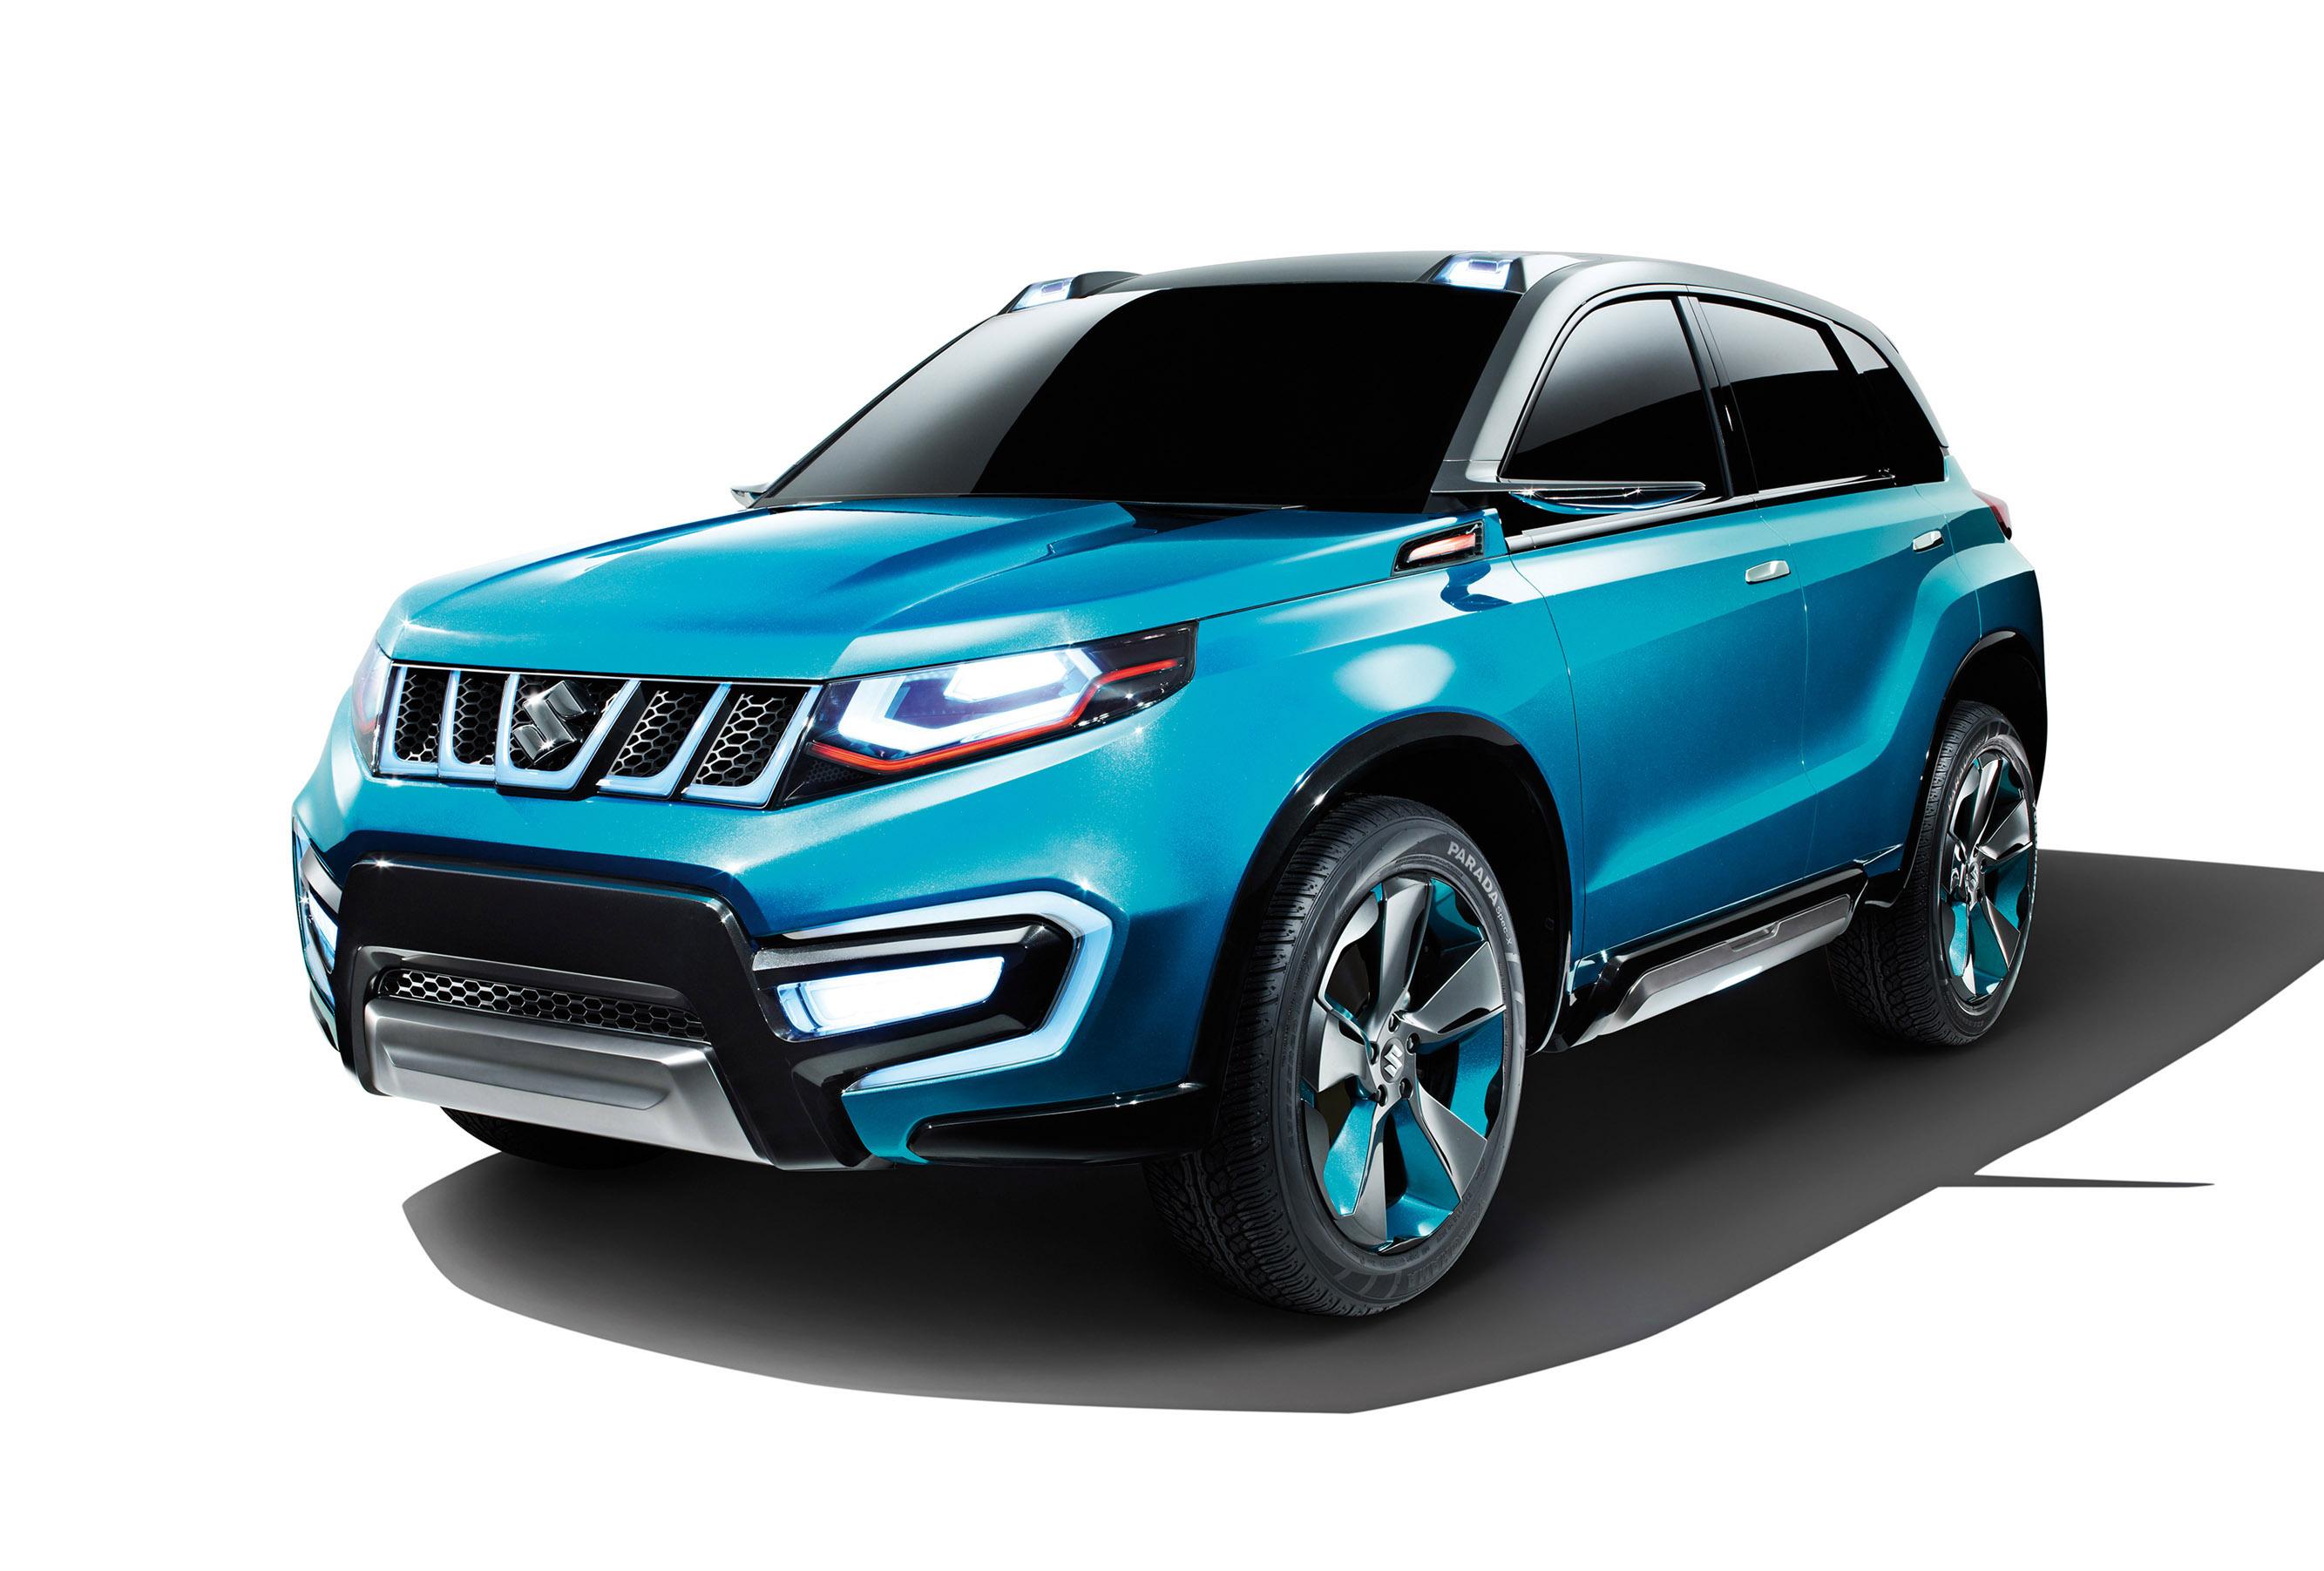 Suzuki Iv 4 Compact Suv Concept